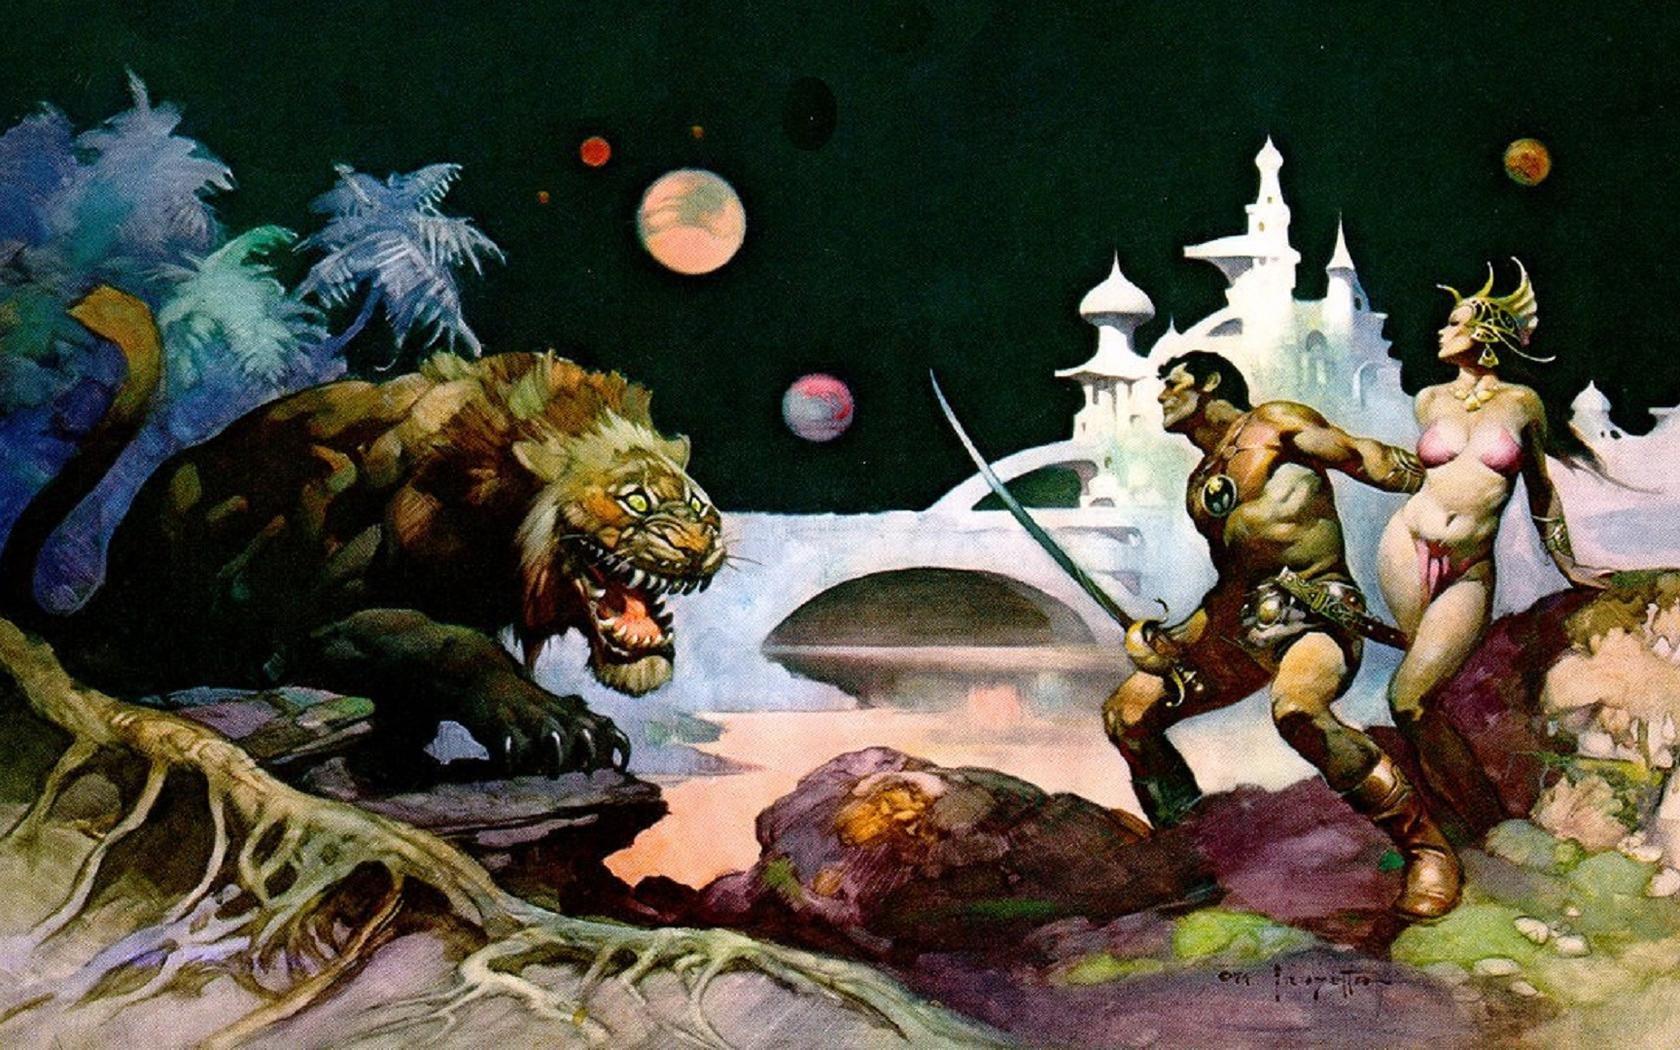 Mars Cat by Frank Frazetta 1680x1050 wallpaper 1680x1050